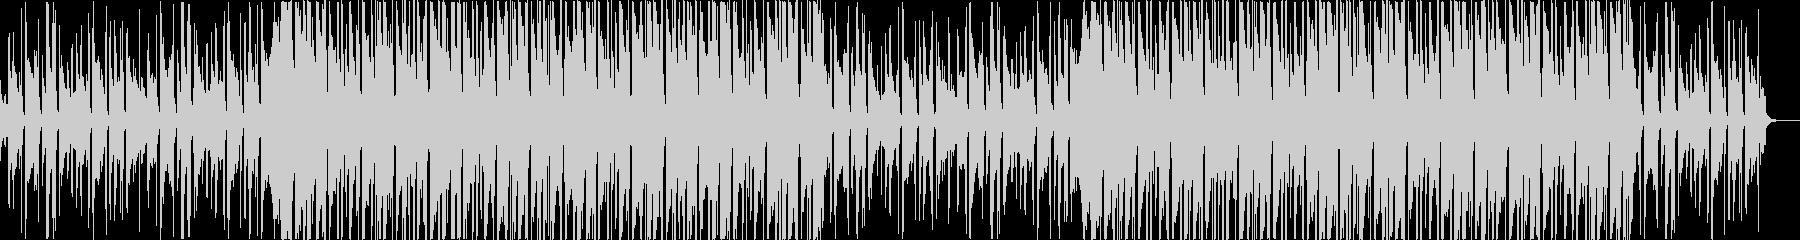 チルアウト洋楽CMアコギヒップホップaの未再生の波形